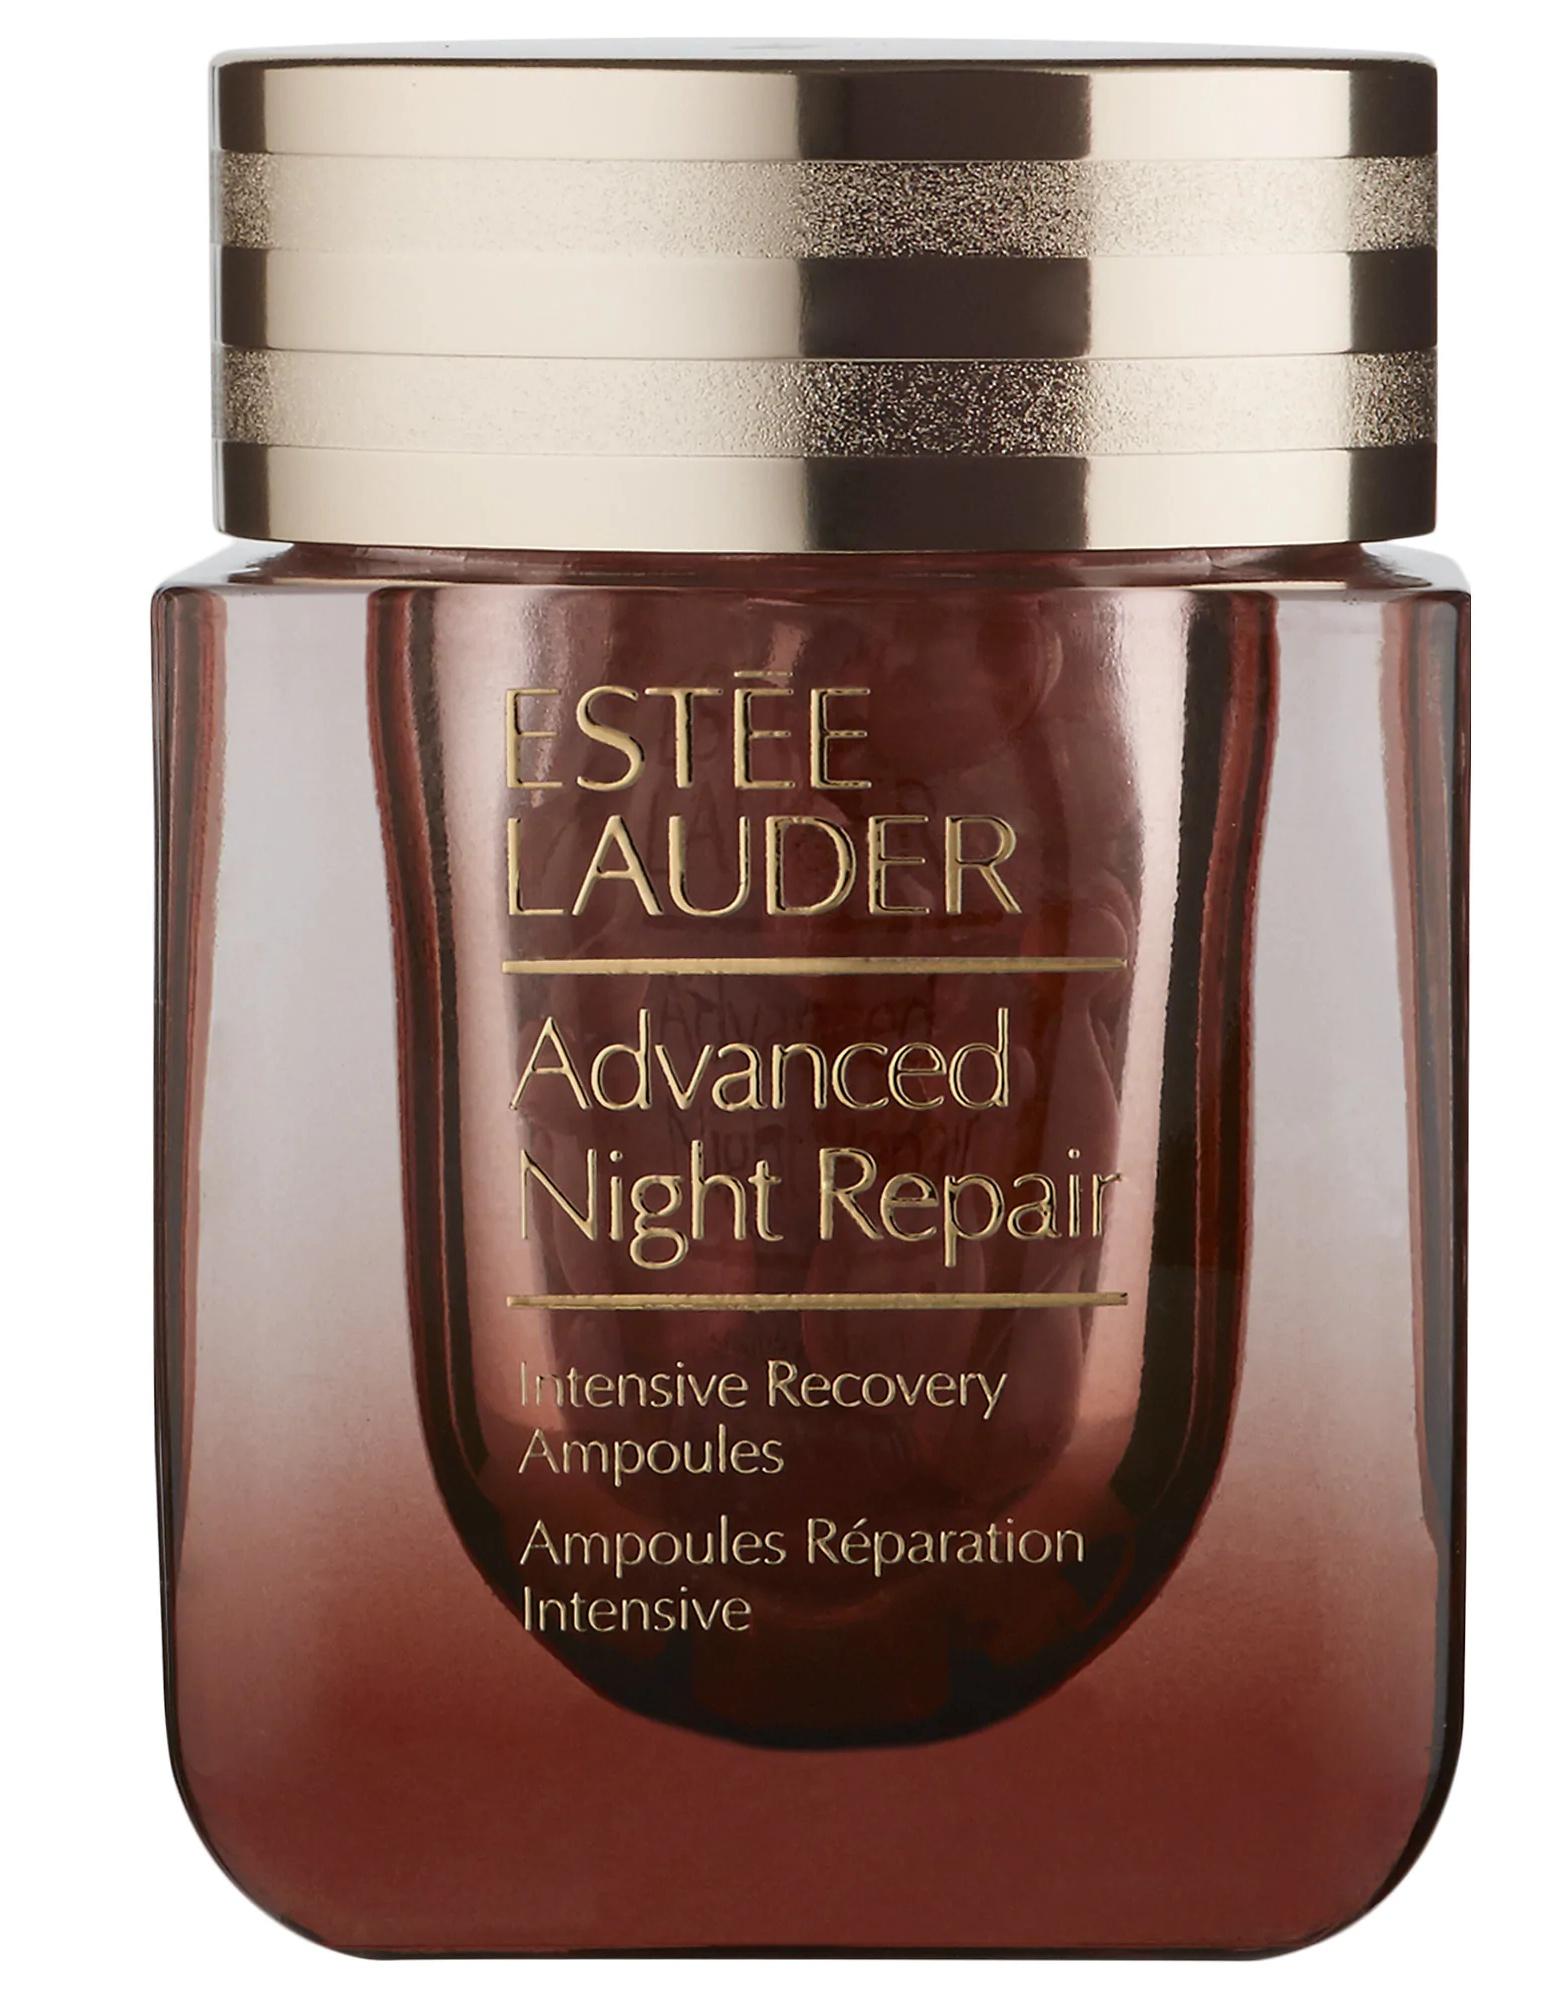 Estée Lauder Advanced Night Repair Intensive Recovery Ampoules